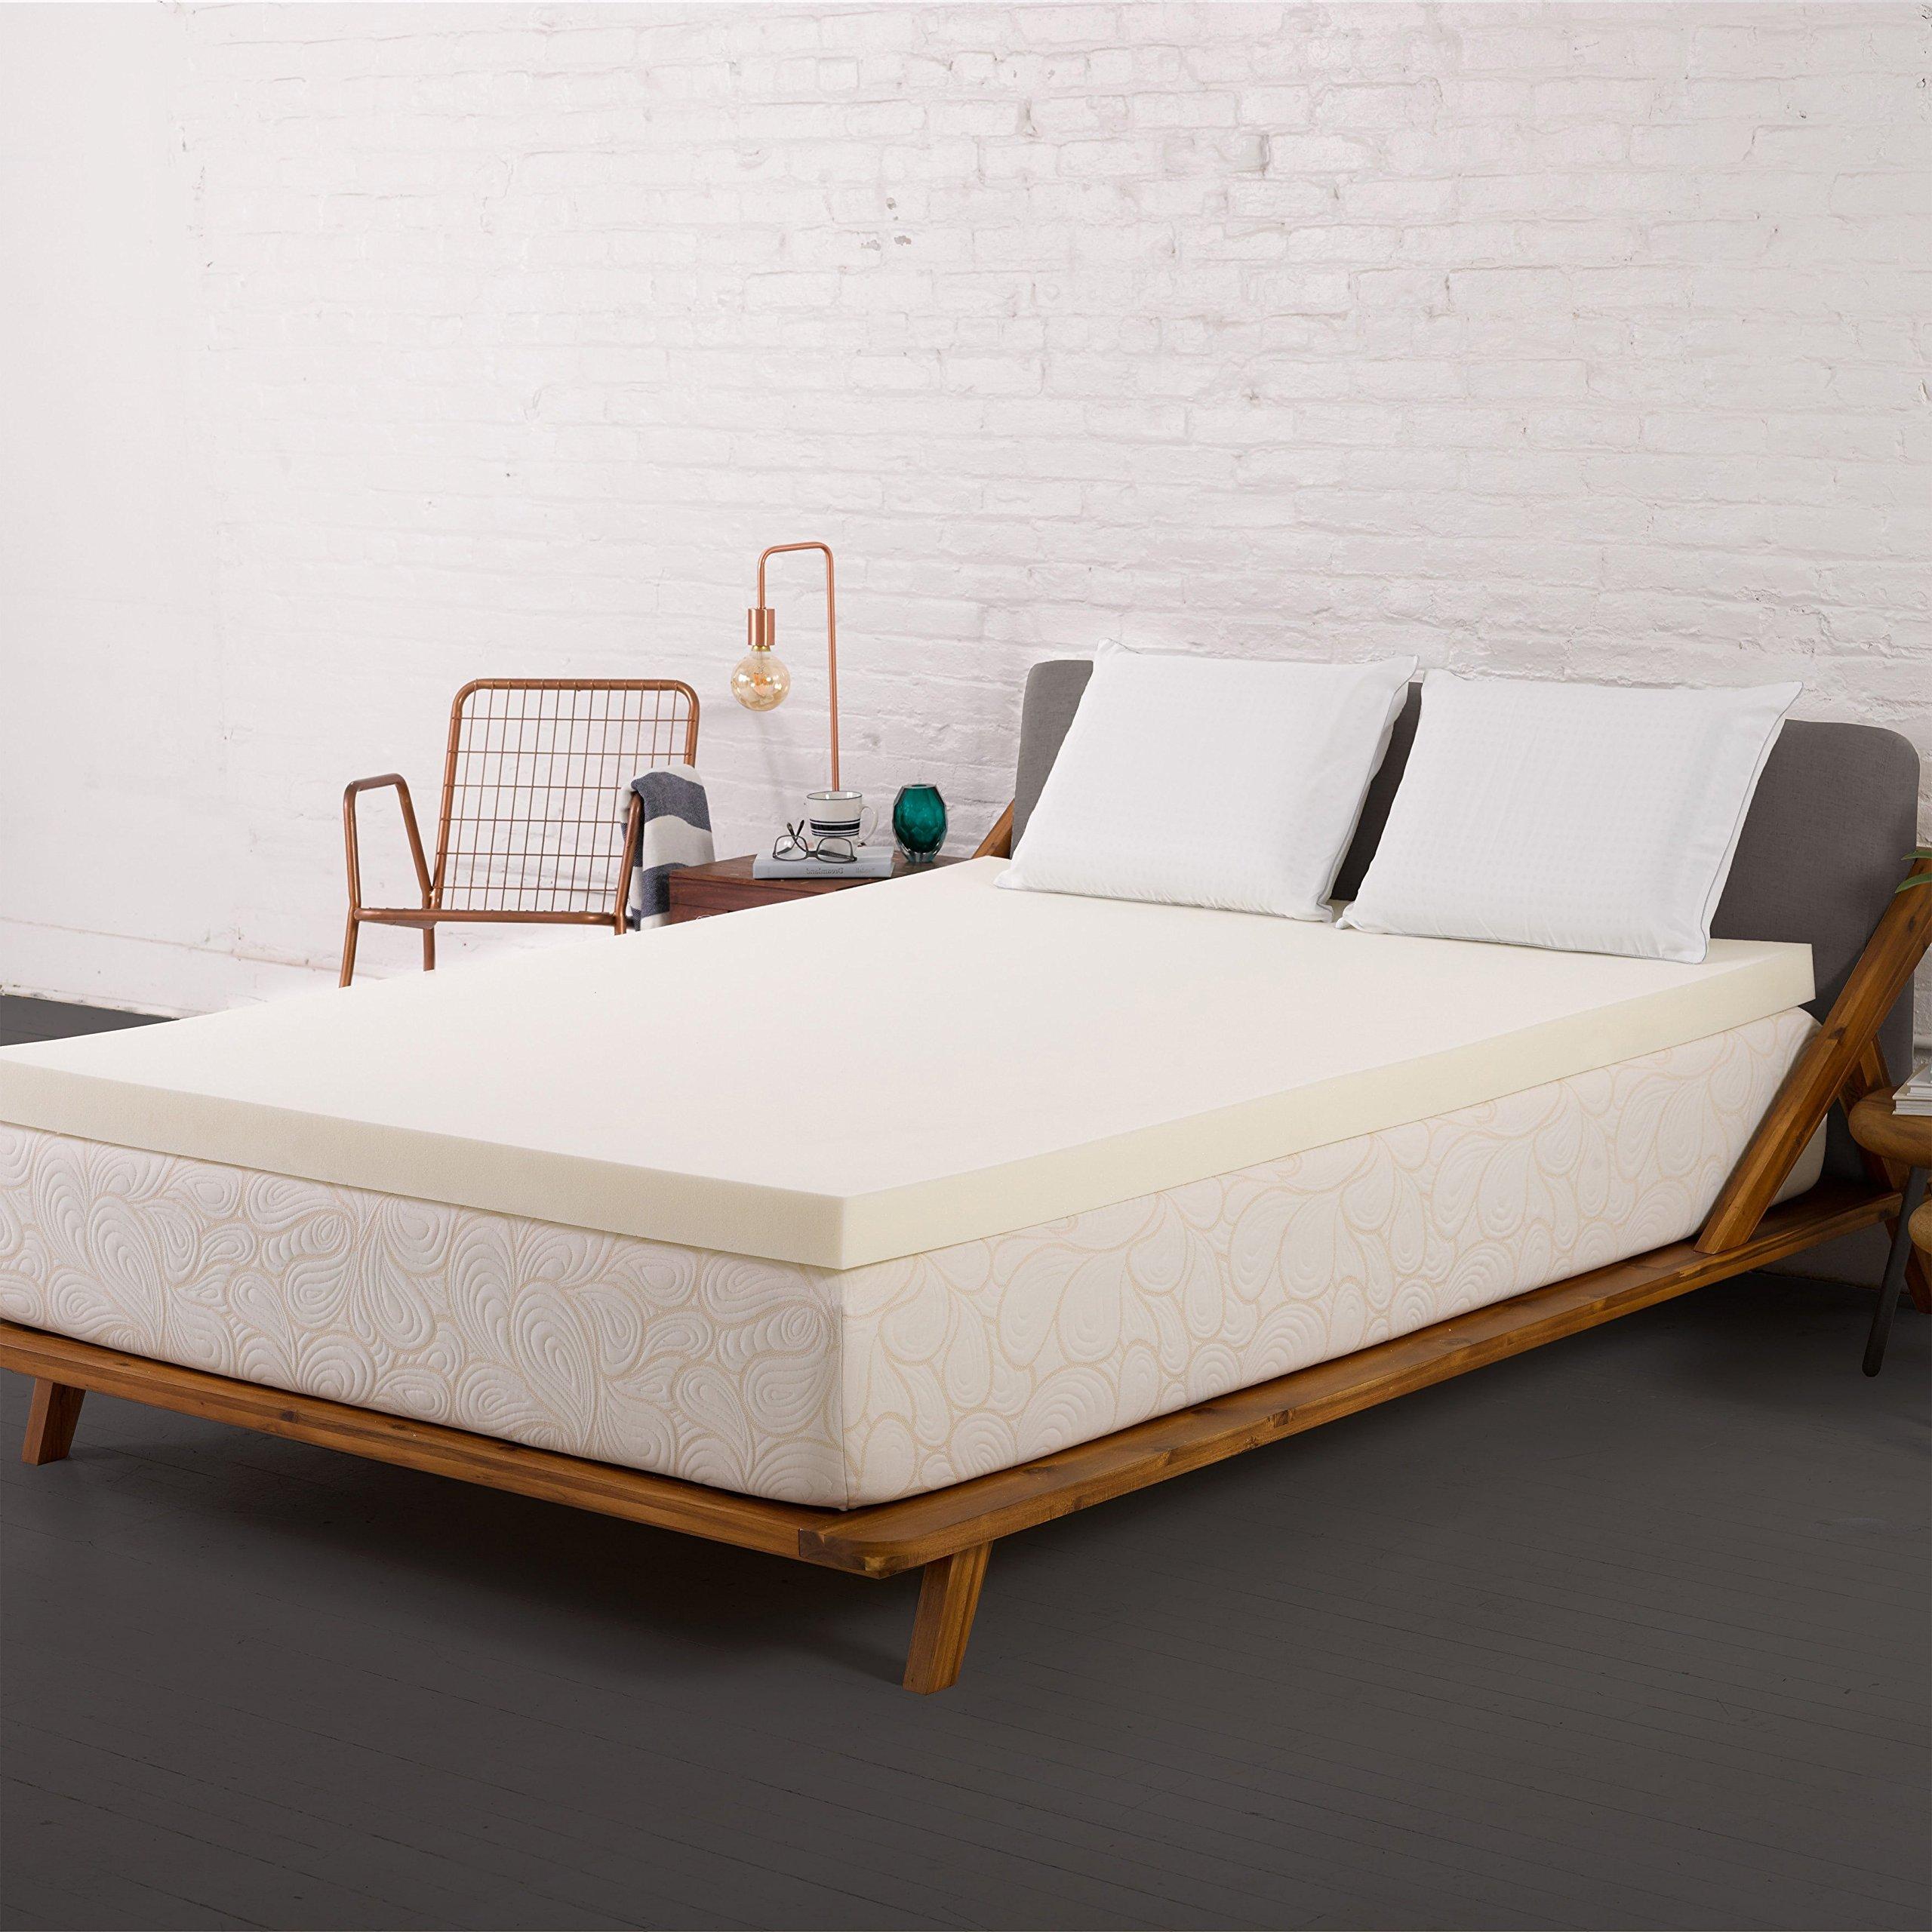 Authentic Comfort 4-inch Memory Foam Mattress Topper Queen